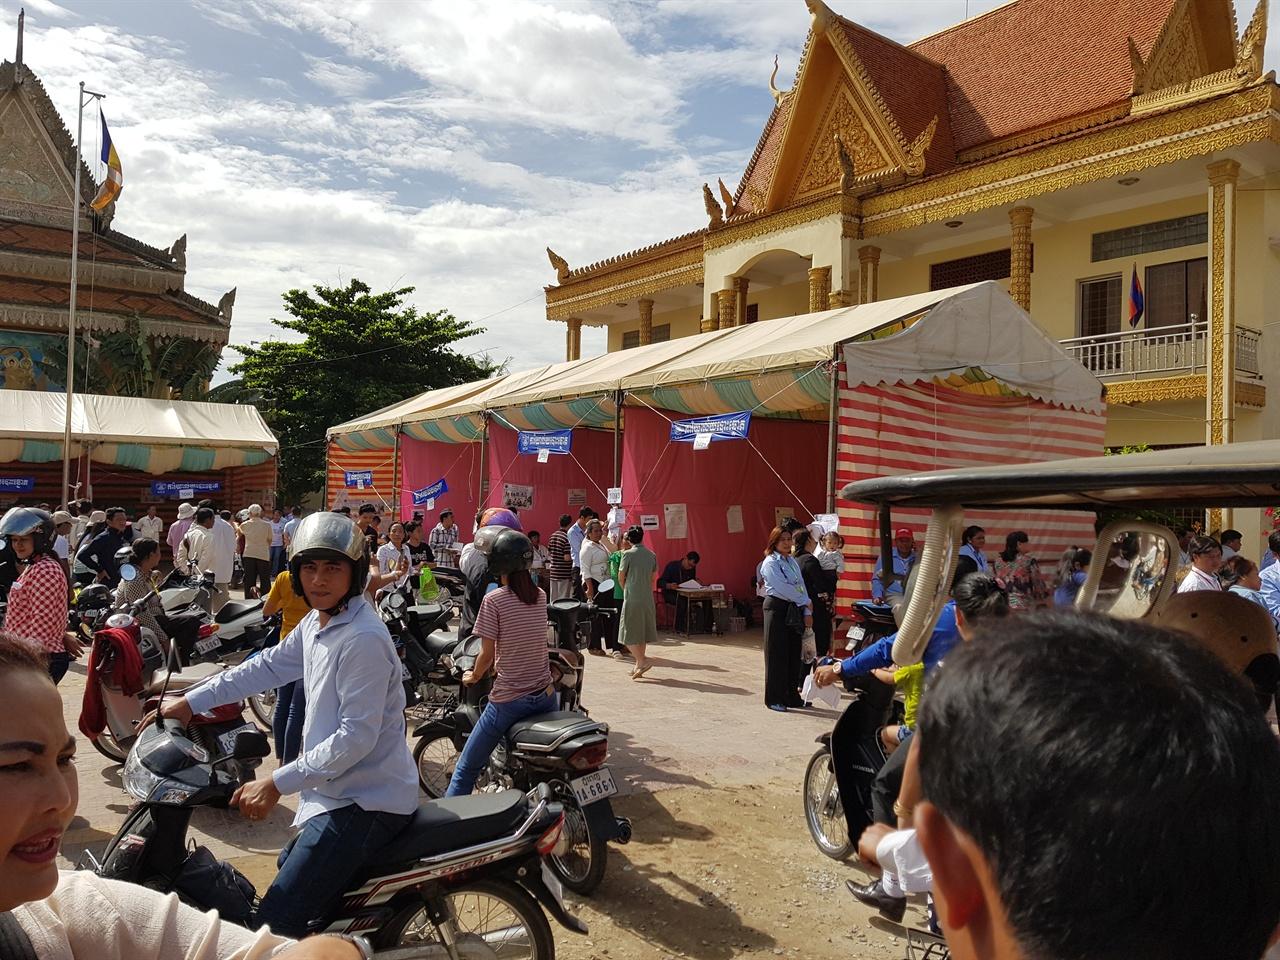 지난 7월 29일 캄보디아 전국 22,967개 투표소에 8만 경찰인력이 동원된  가운데 삼엄한 감시속에 공식선거가 치러졌다.